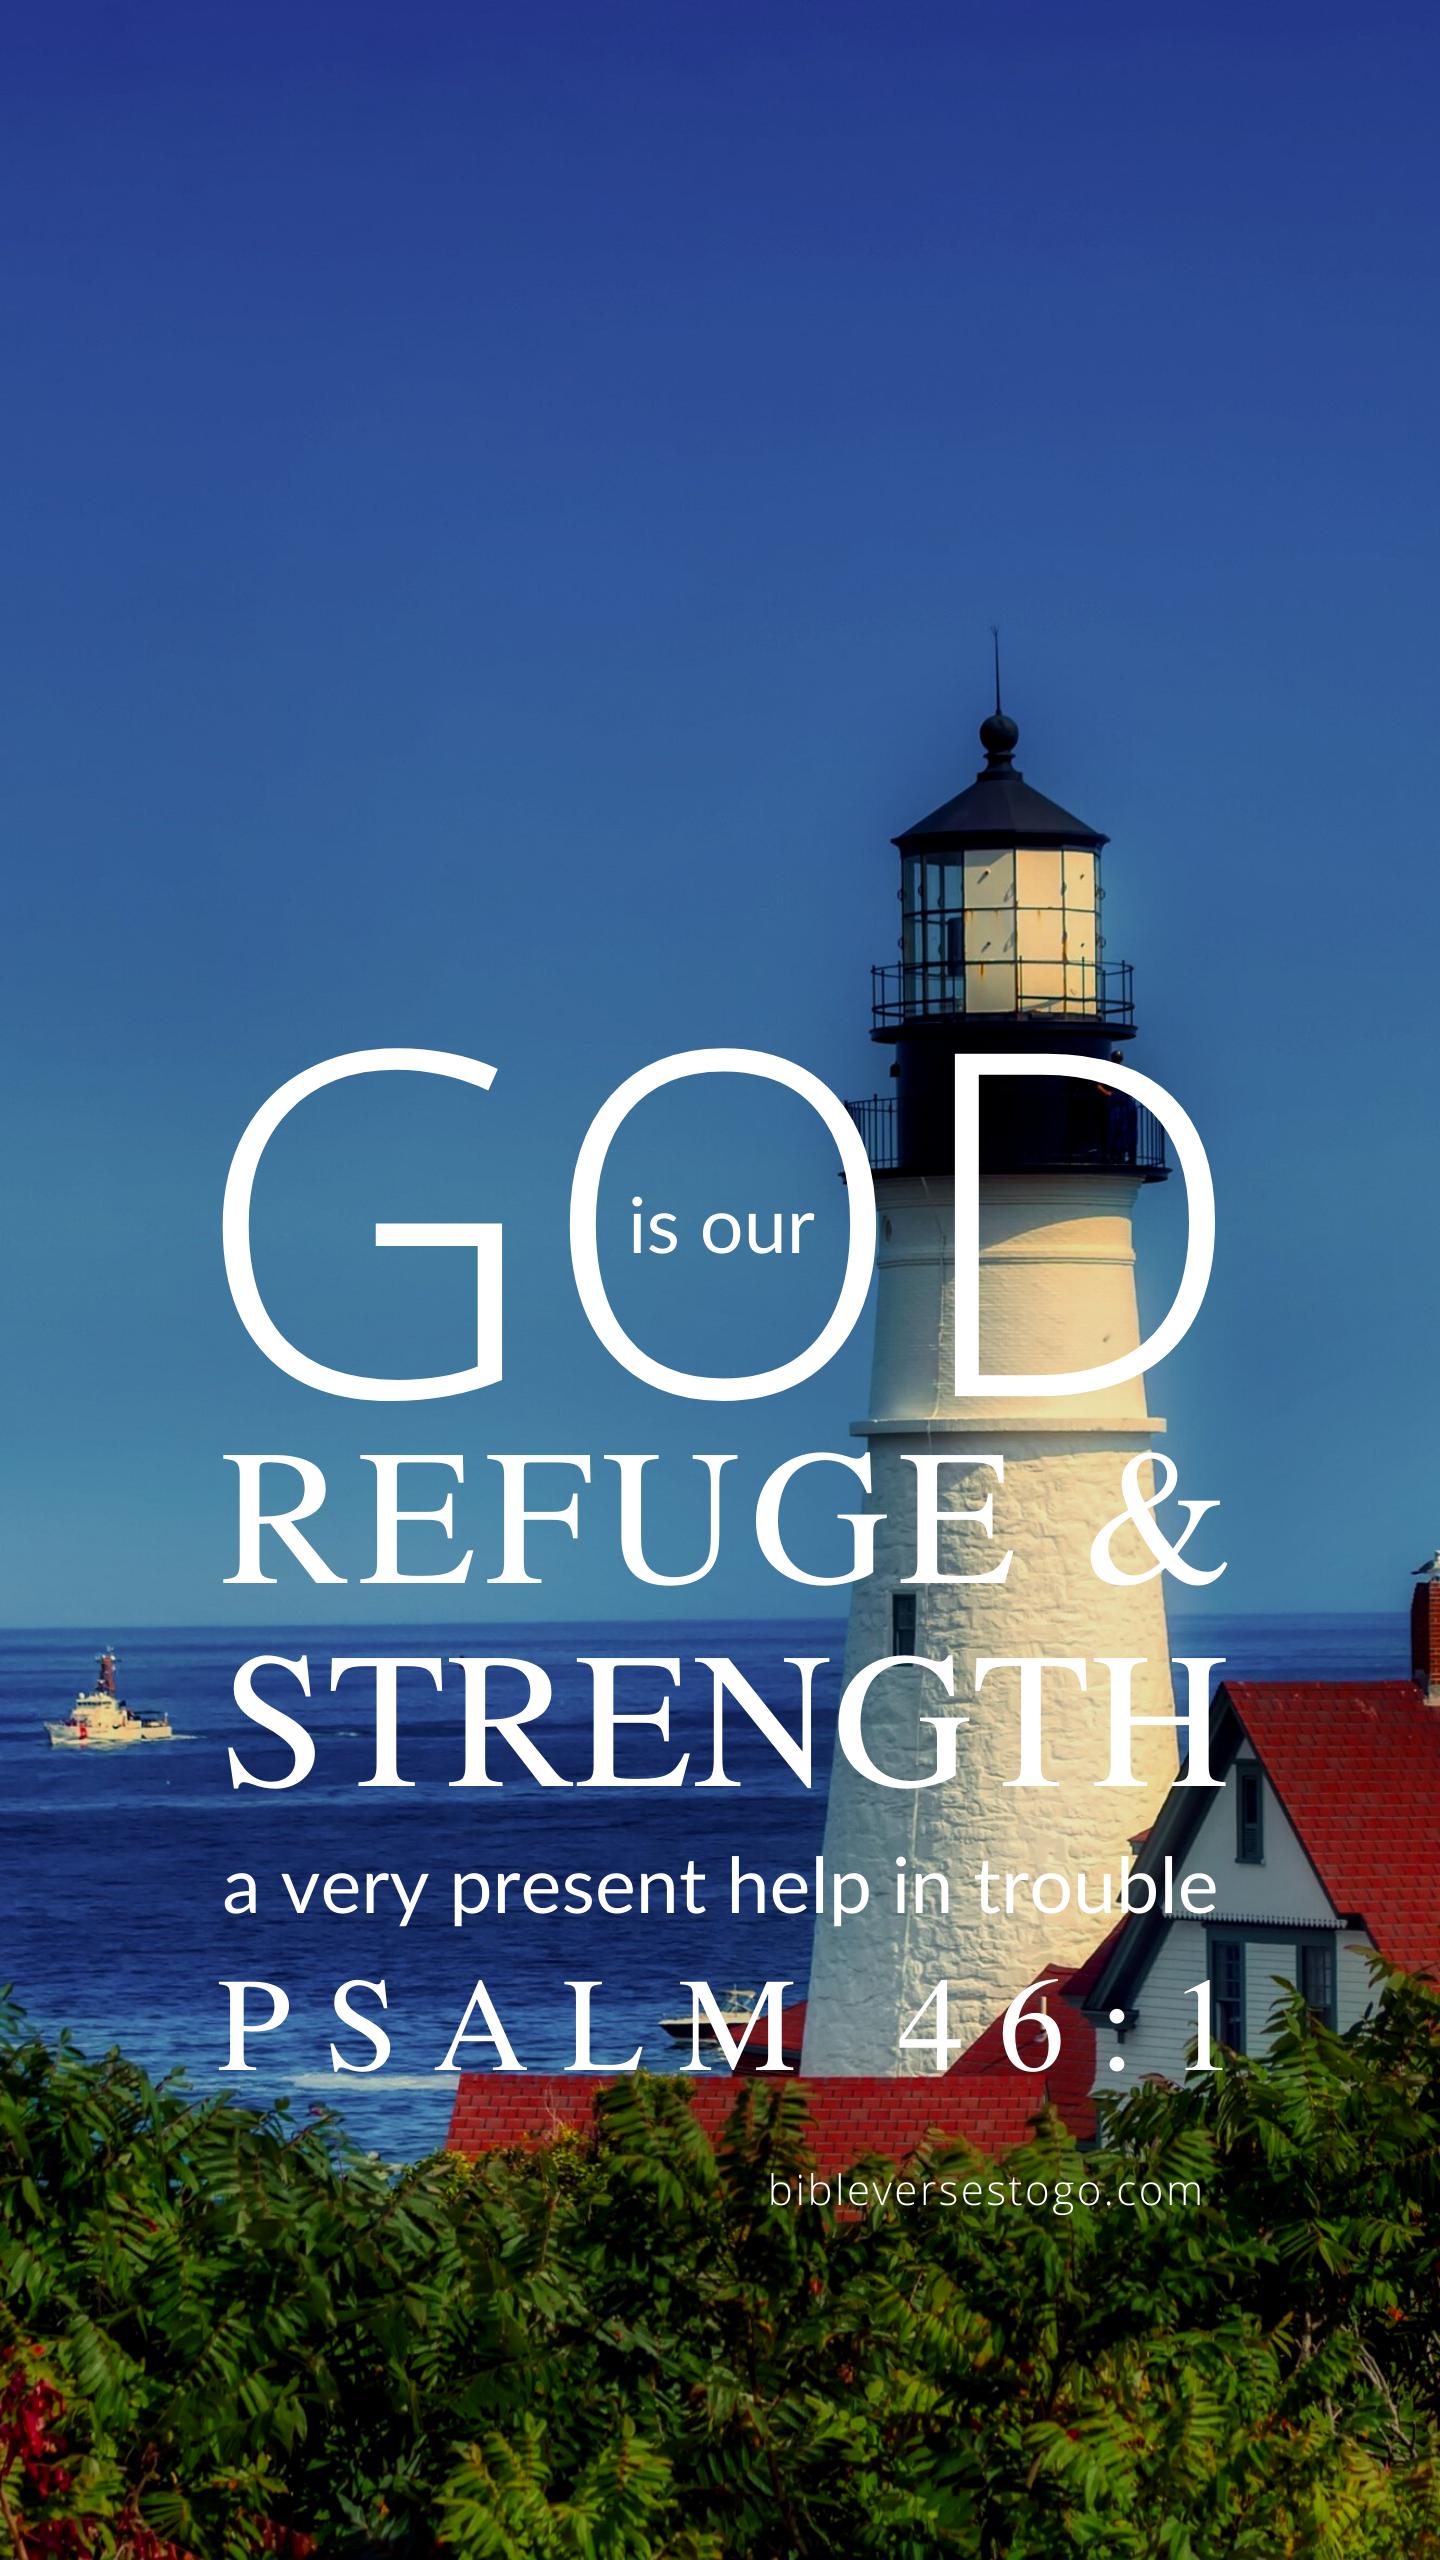 Lighthouse Psalm 461 Christian wallpaper, Bible verse